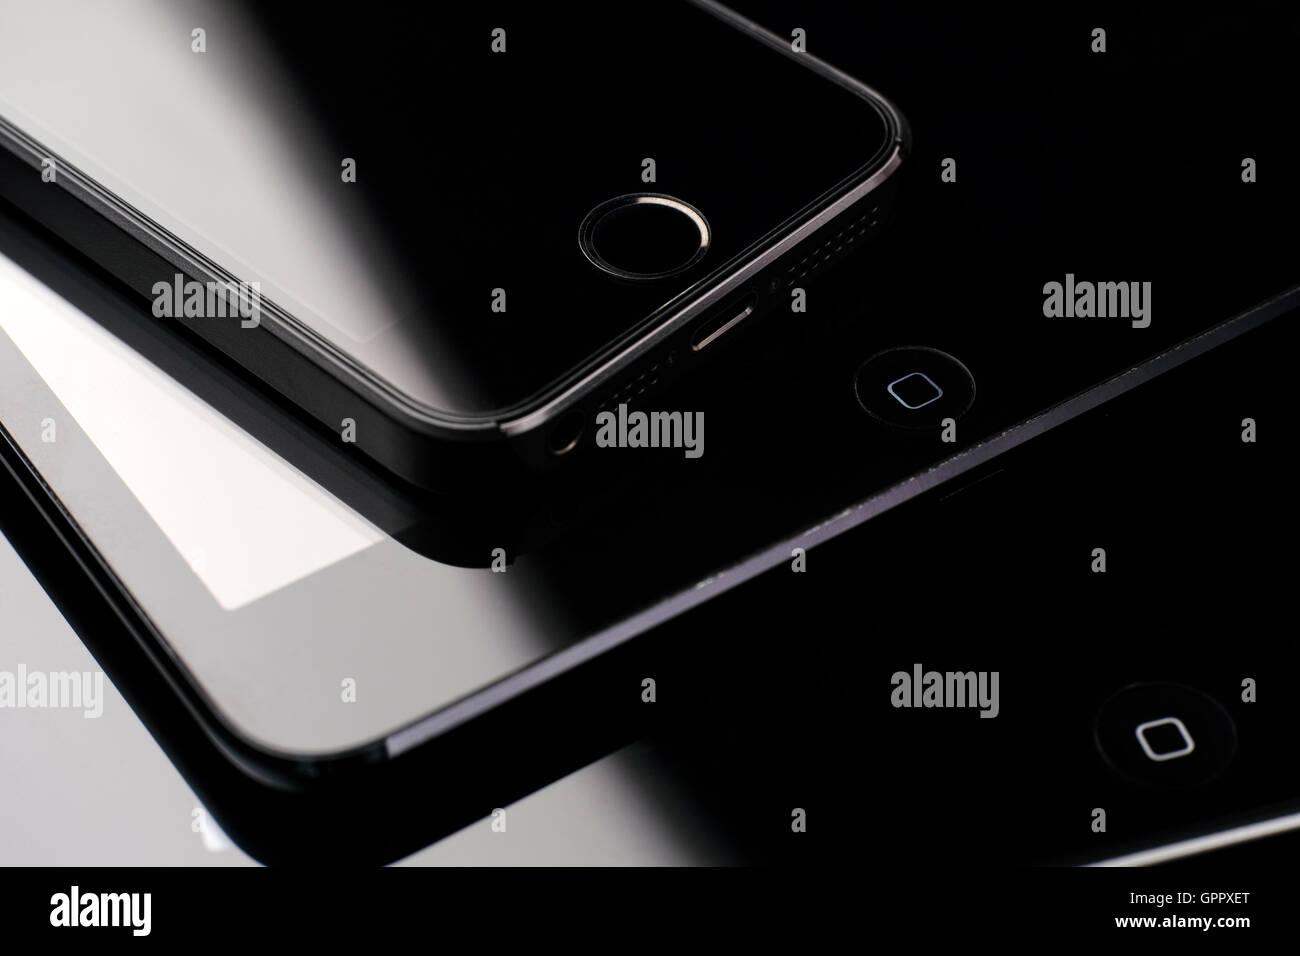 Tambov, Fédération de Russie - le 26 février 2015 libre de pile d'appareils Apple, iPhone 5S, Photo Stock